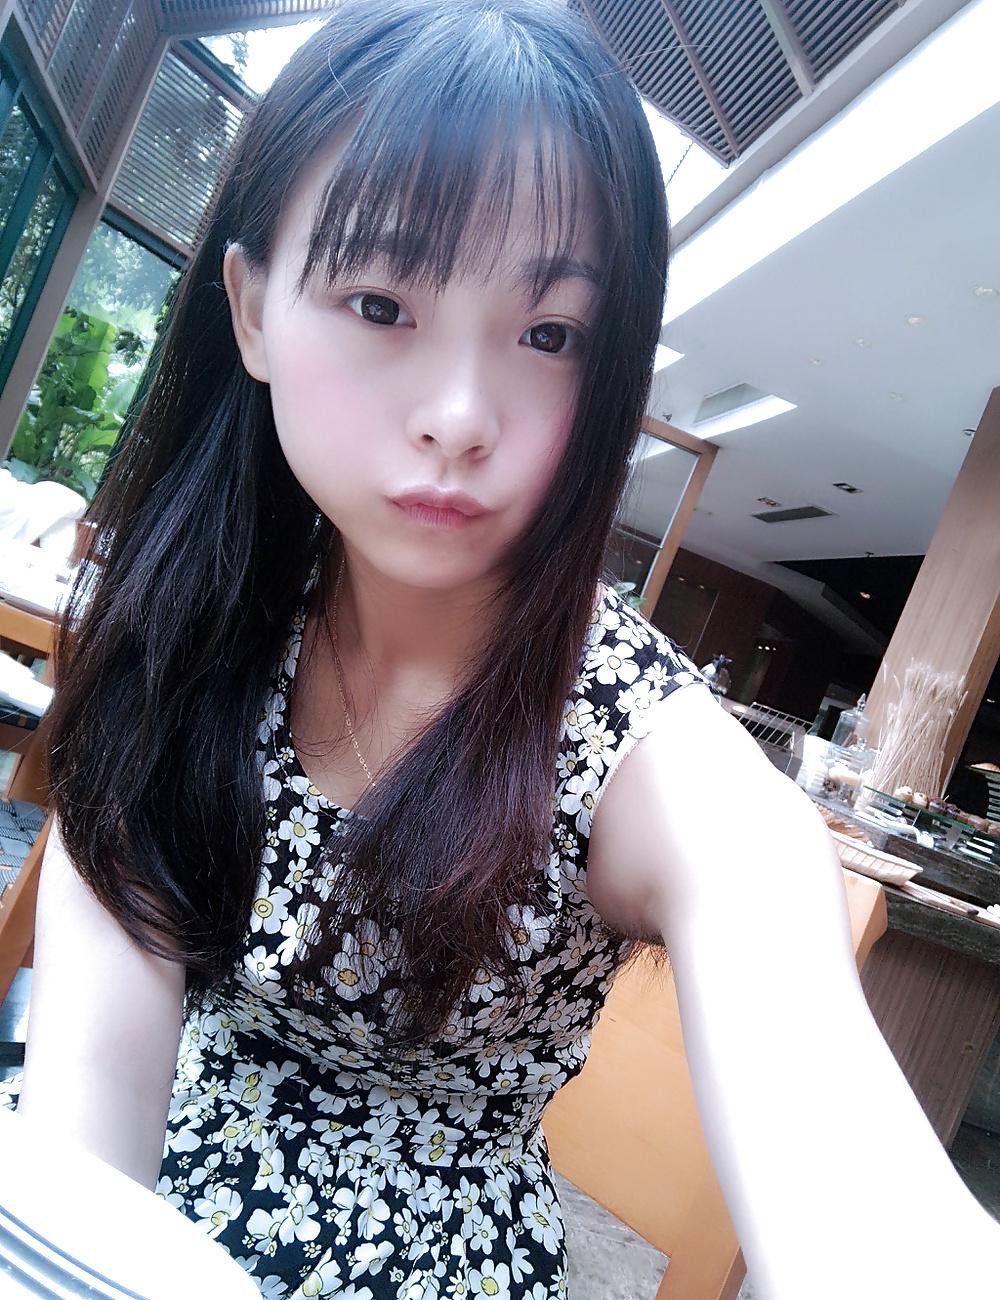 【閲覧注意】アジア人の腋毛SUGEEEEE!って画像wwwwwwwwおまえらコレ見てもヤリたいとか言えんの???(画像あり)・23枚目